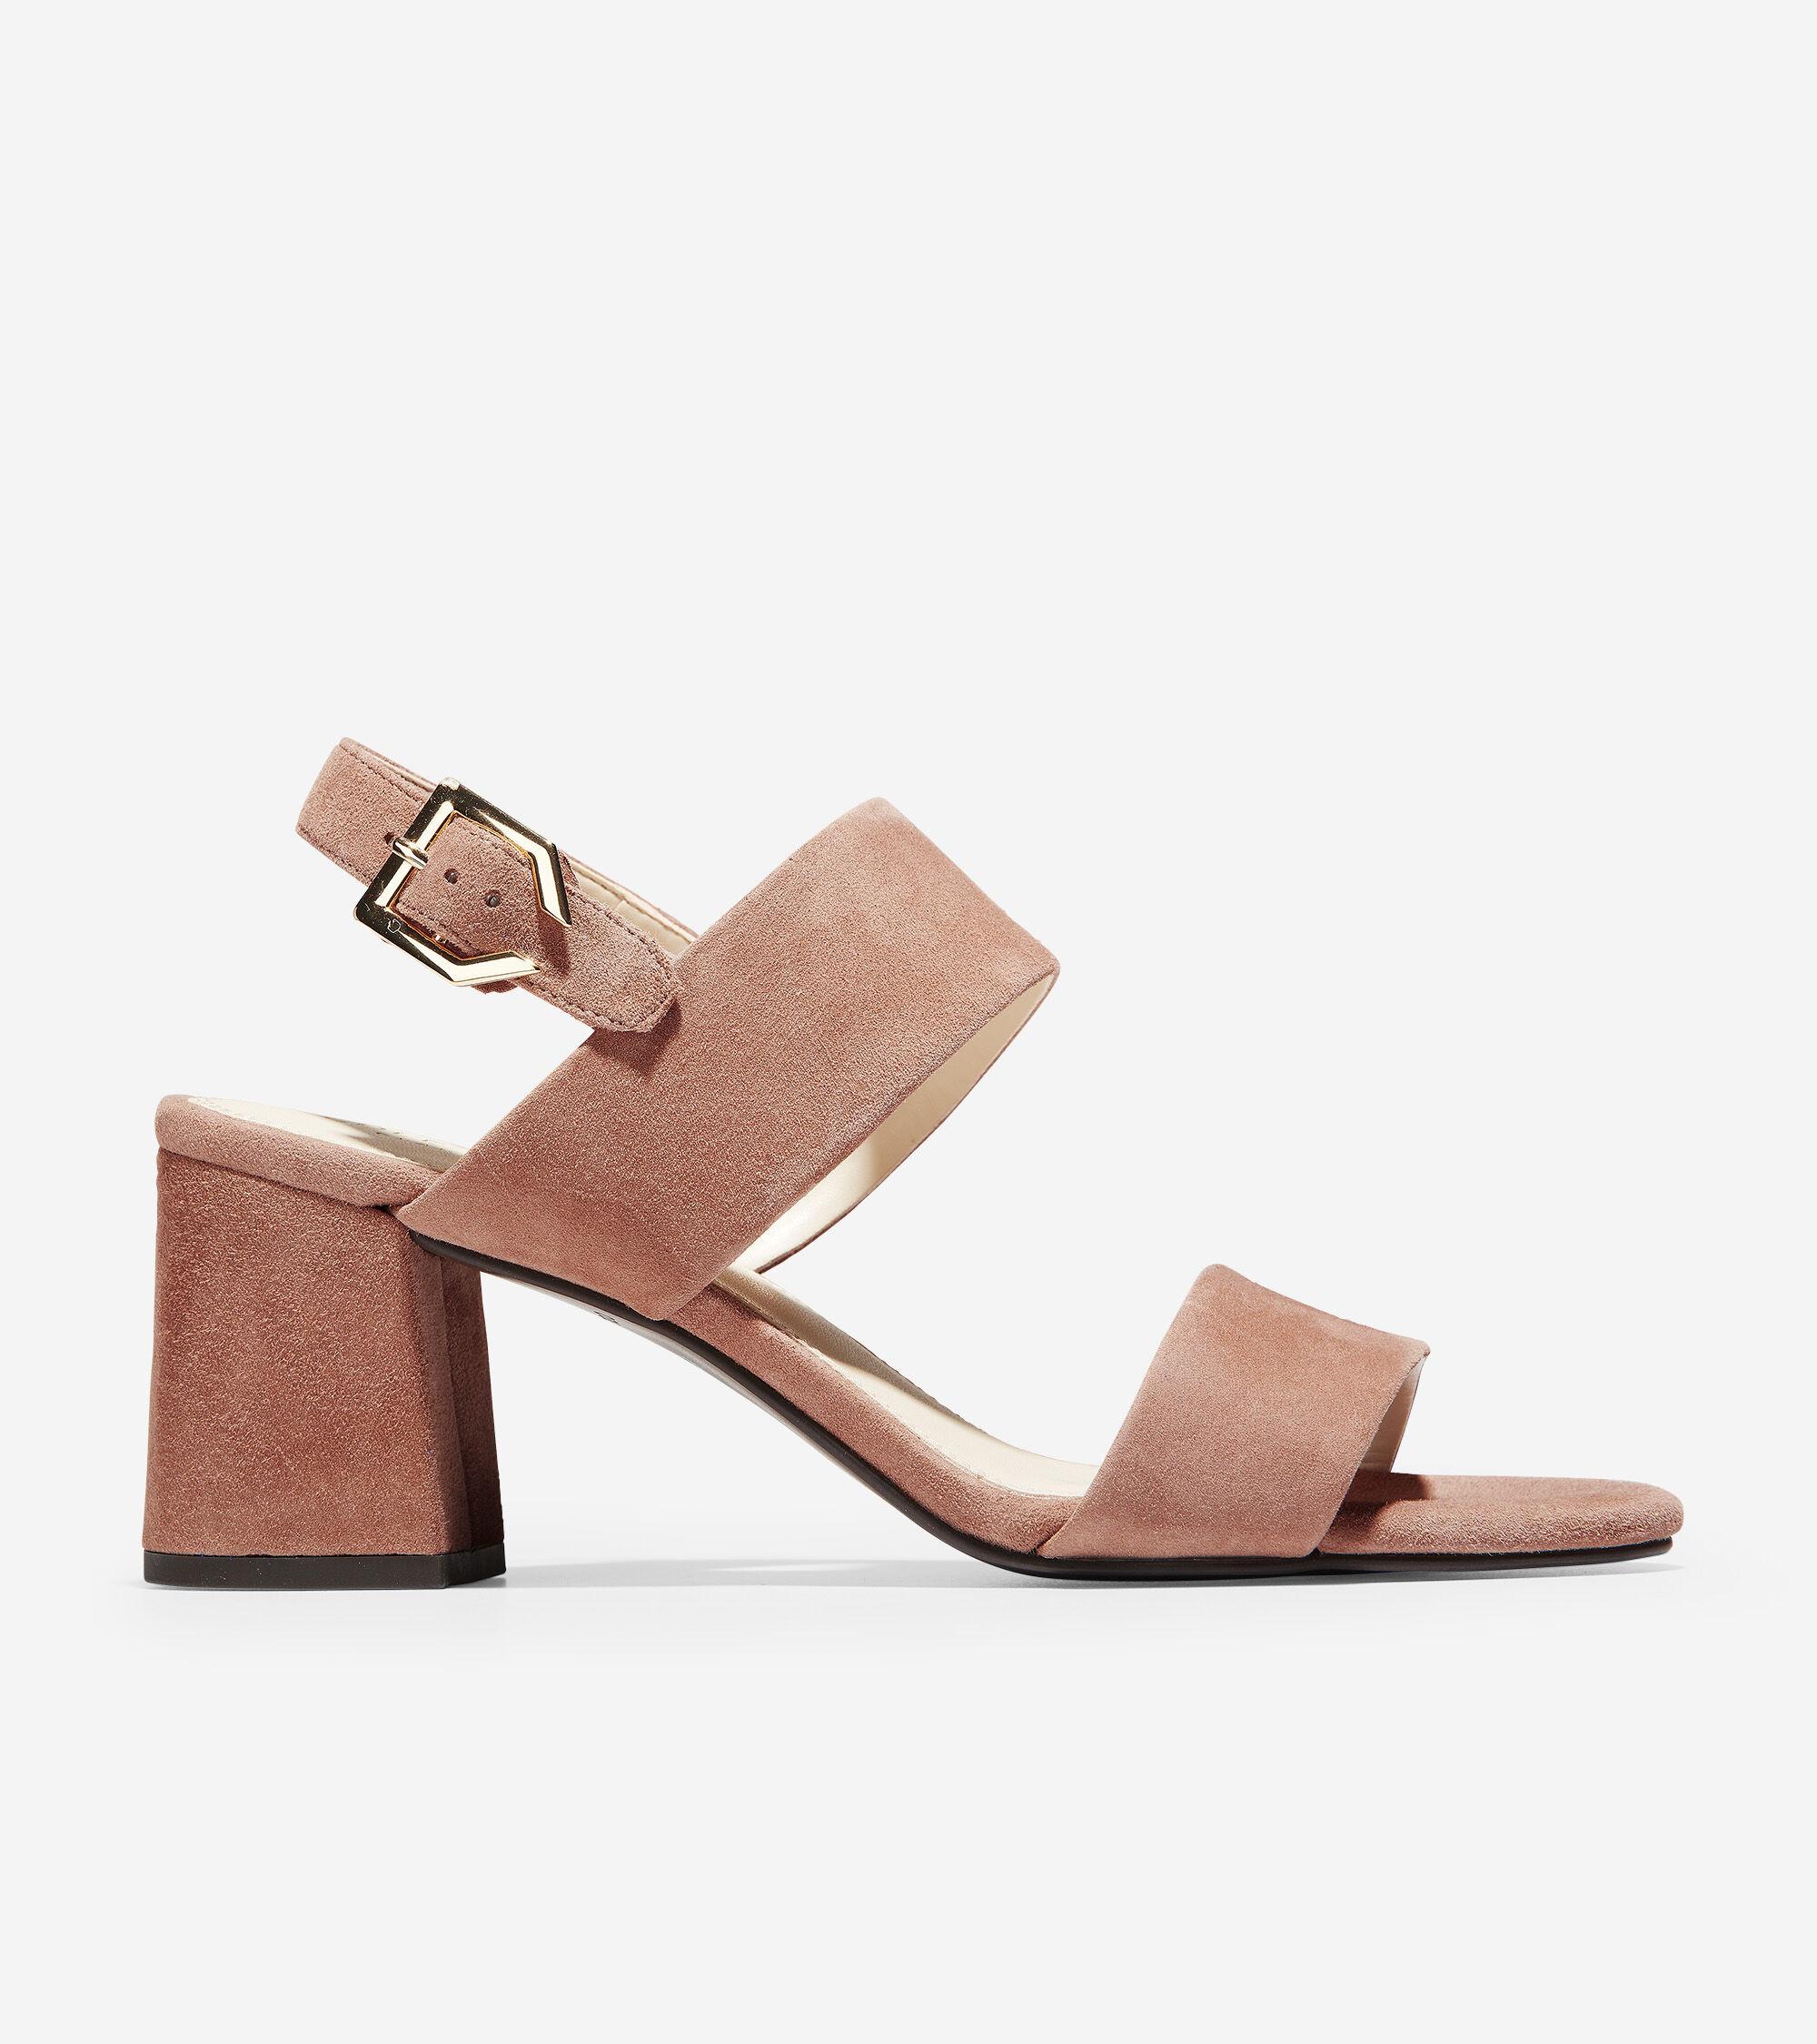 4d1f903c6e4 Women s Avani City Sandals 65mm in Mocha